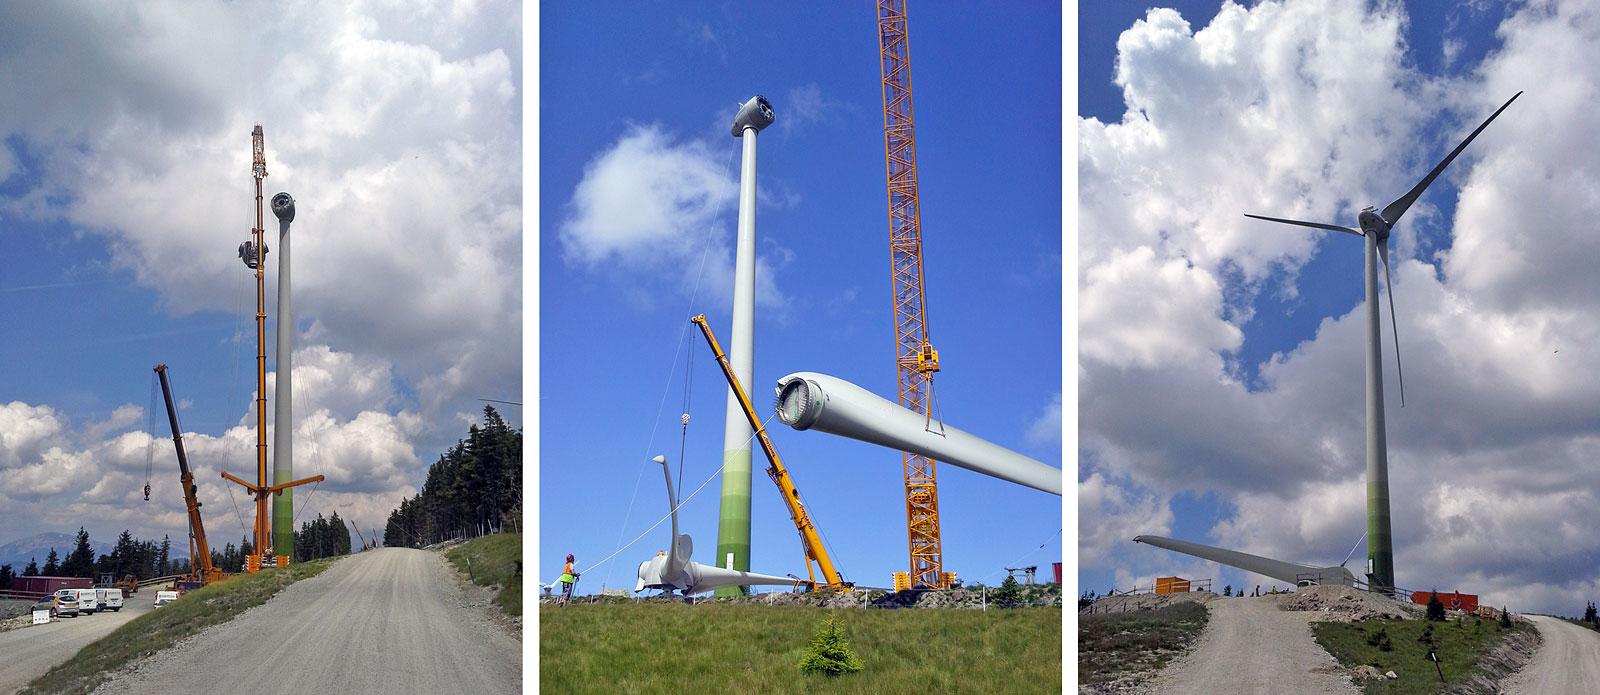 Windpark-01